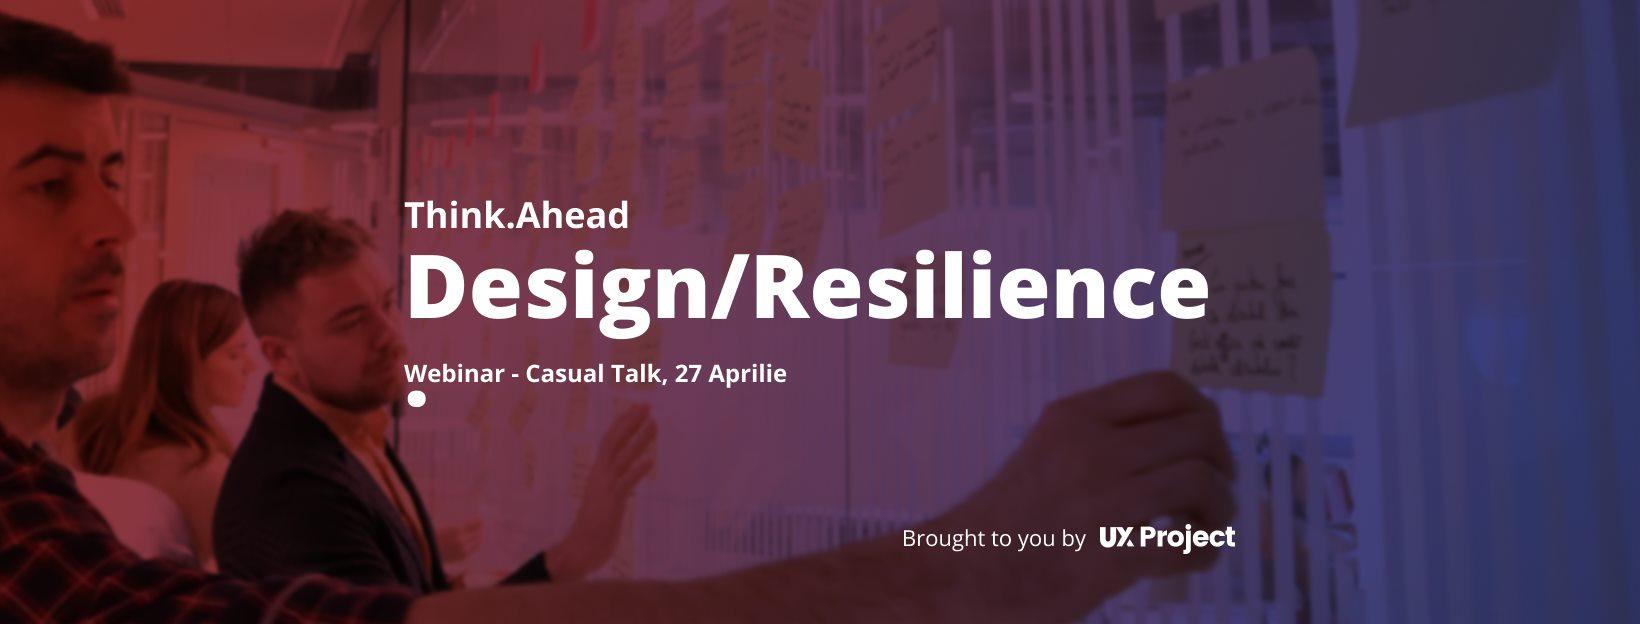 Design/Resilience Webinar